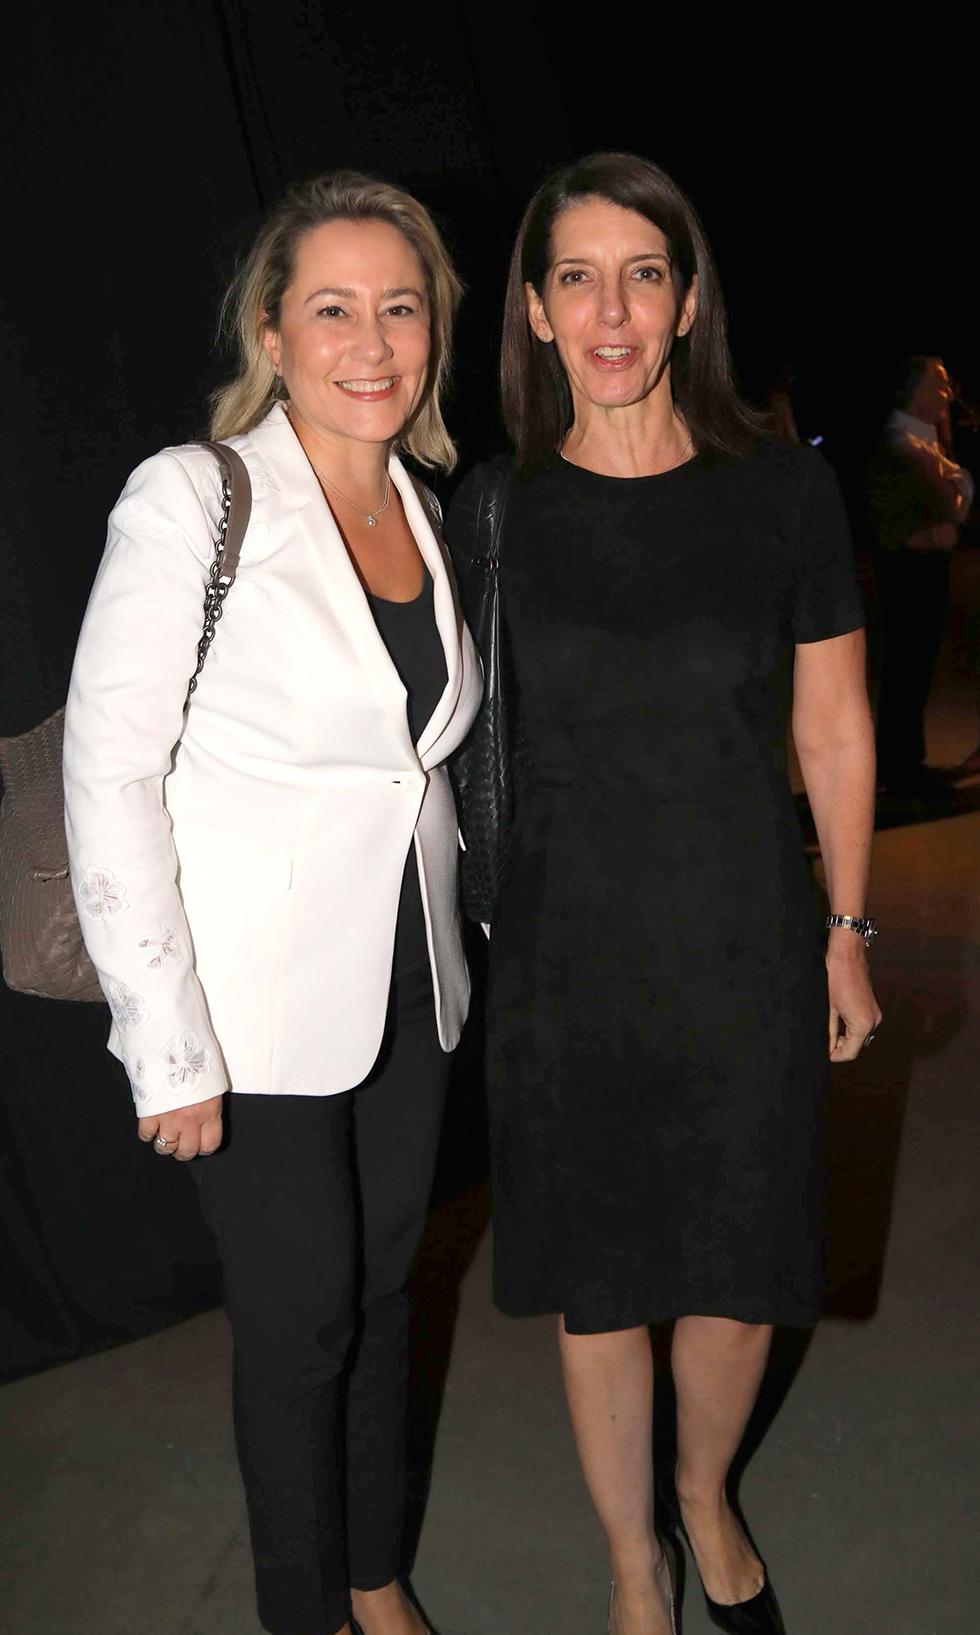 """מנכ""""לית דיסקונט לילך אשר-טופילסקי ואורית אלסטר, ראש החטיבה העסקית בבנק (צילום: סיון פרג')"""